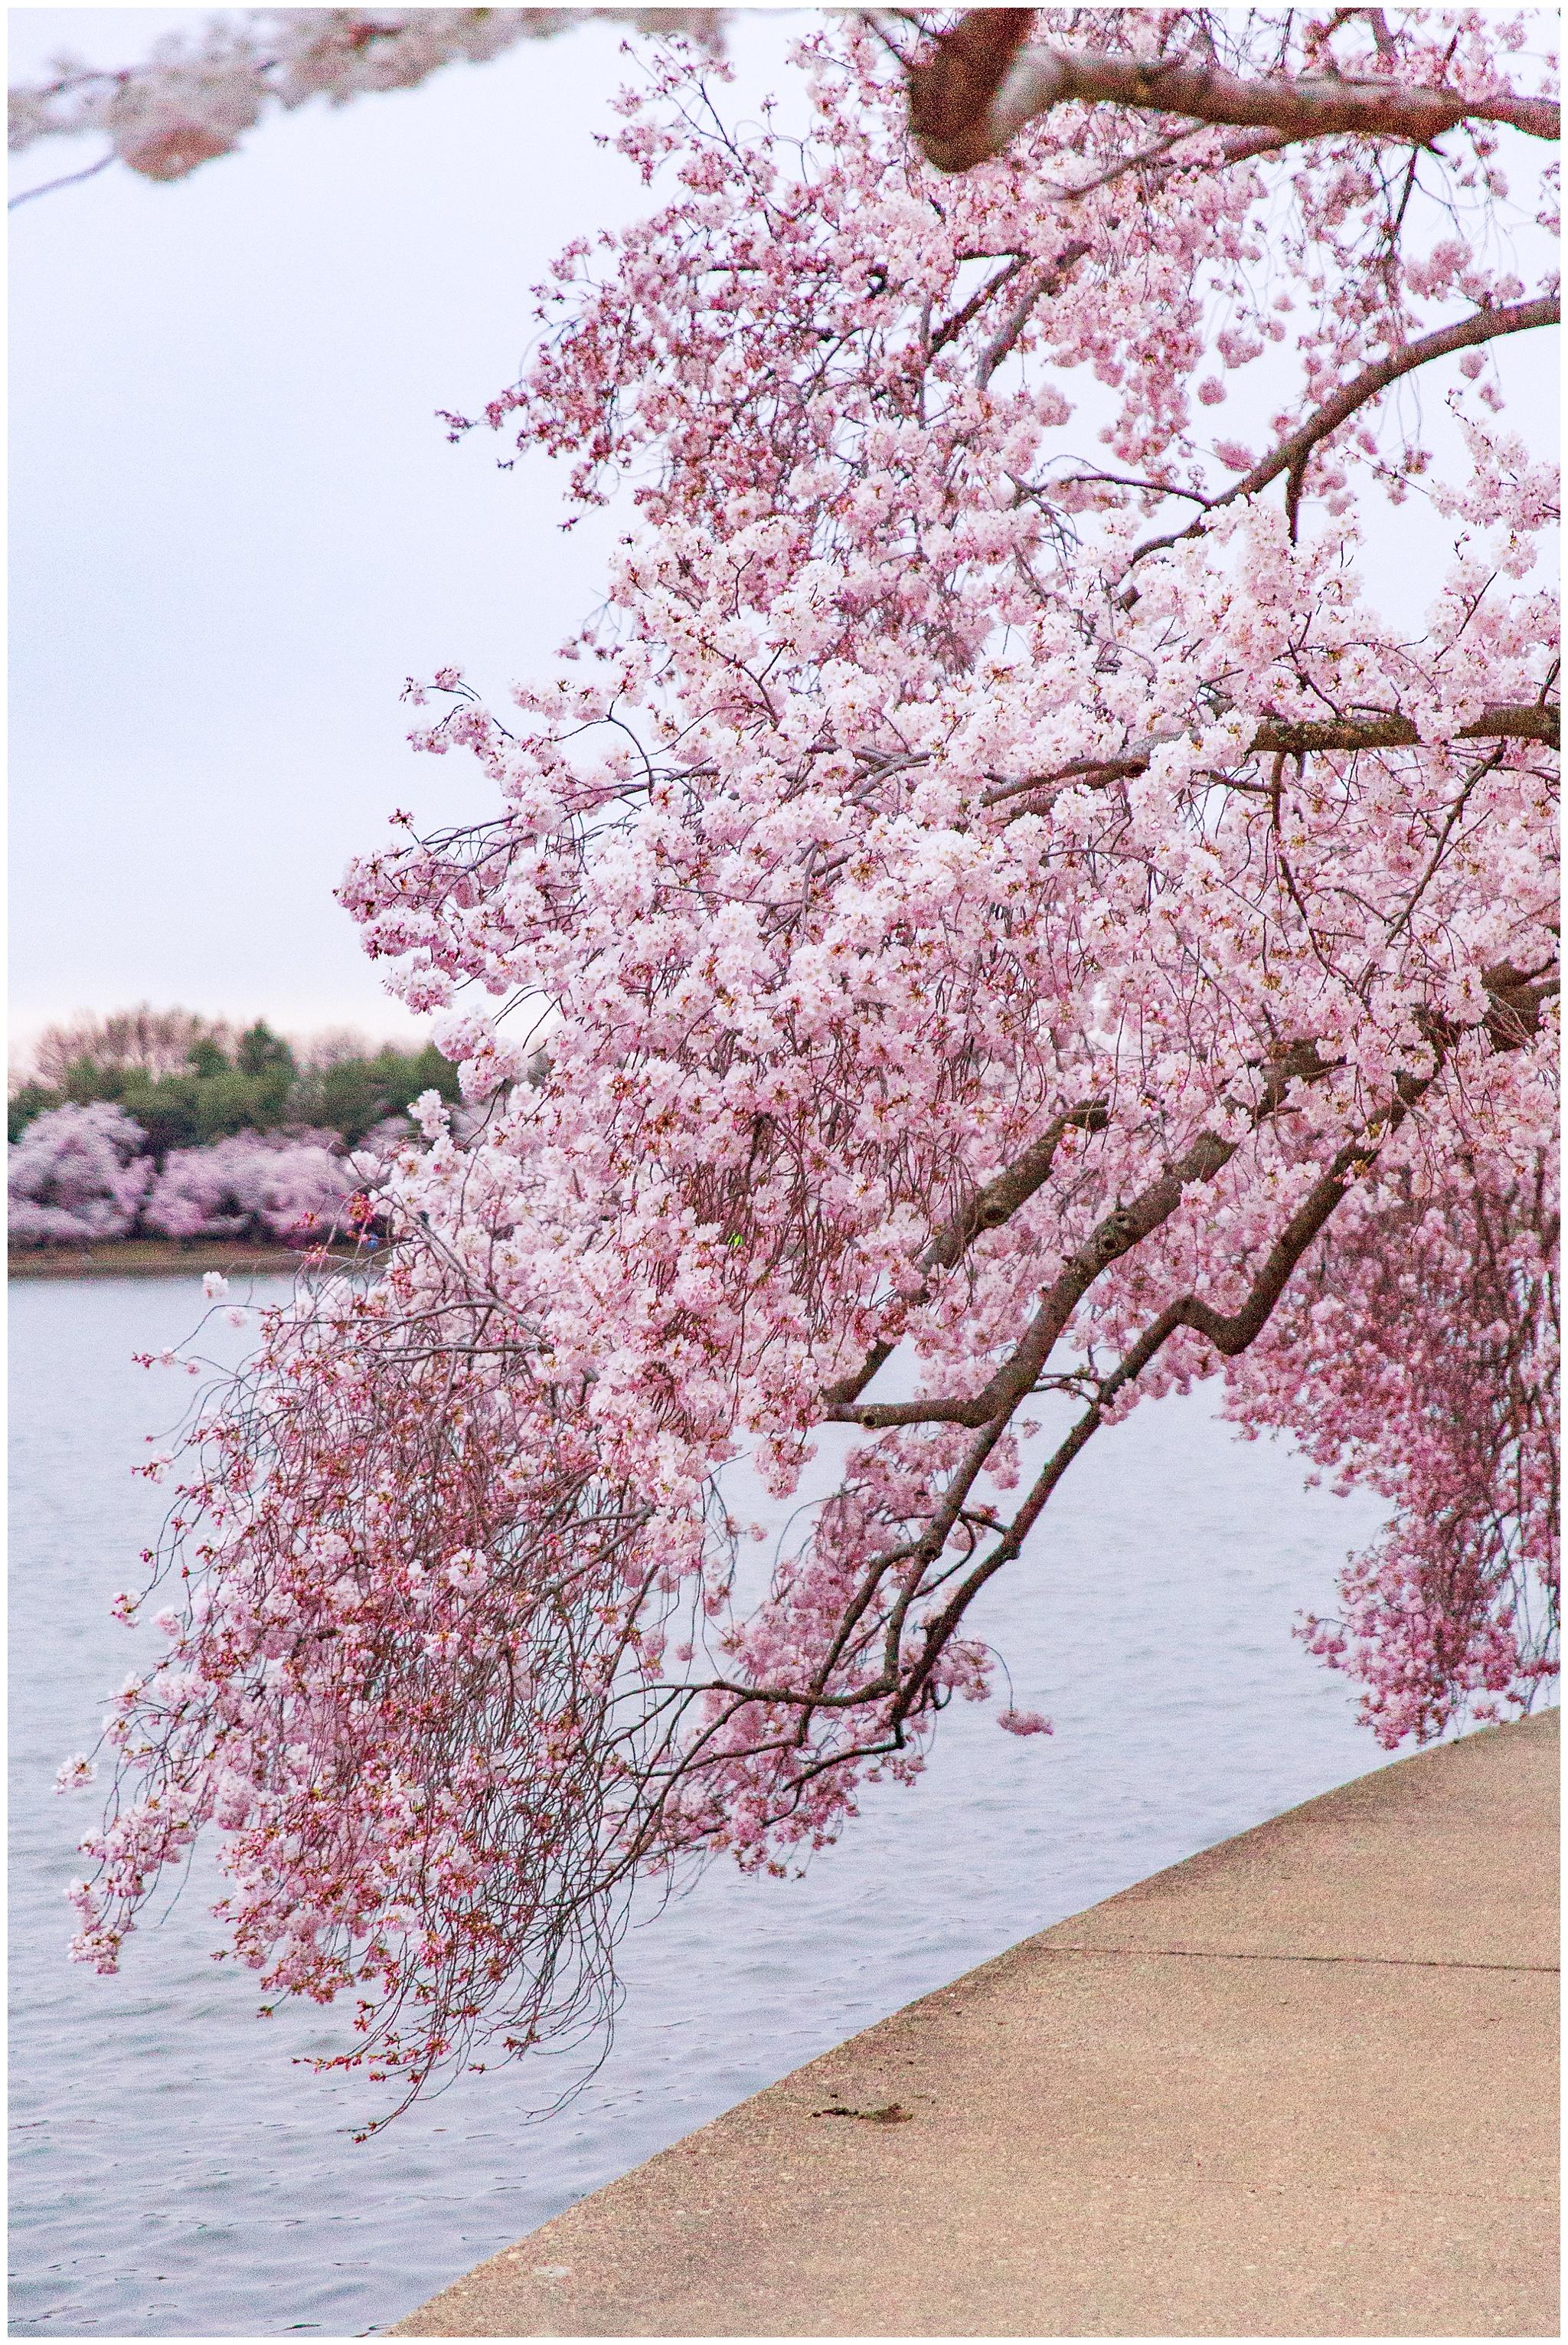 cherryblossoms_0003.jpg